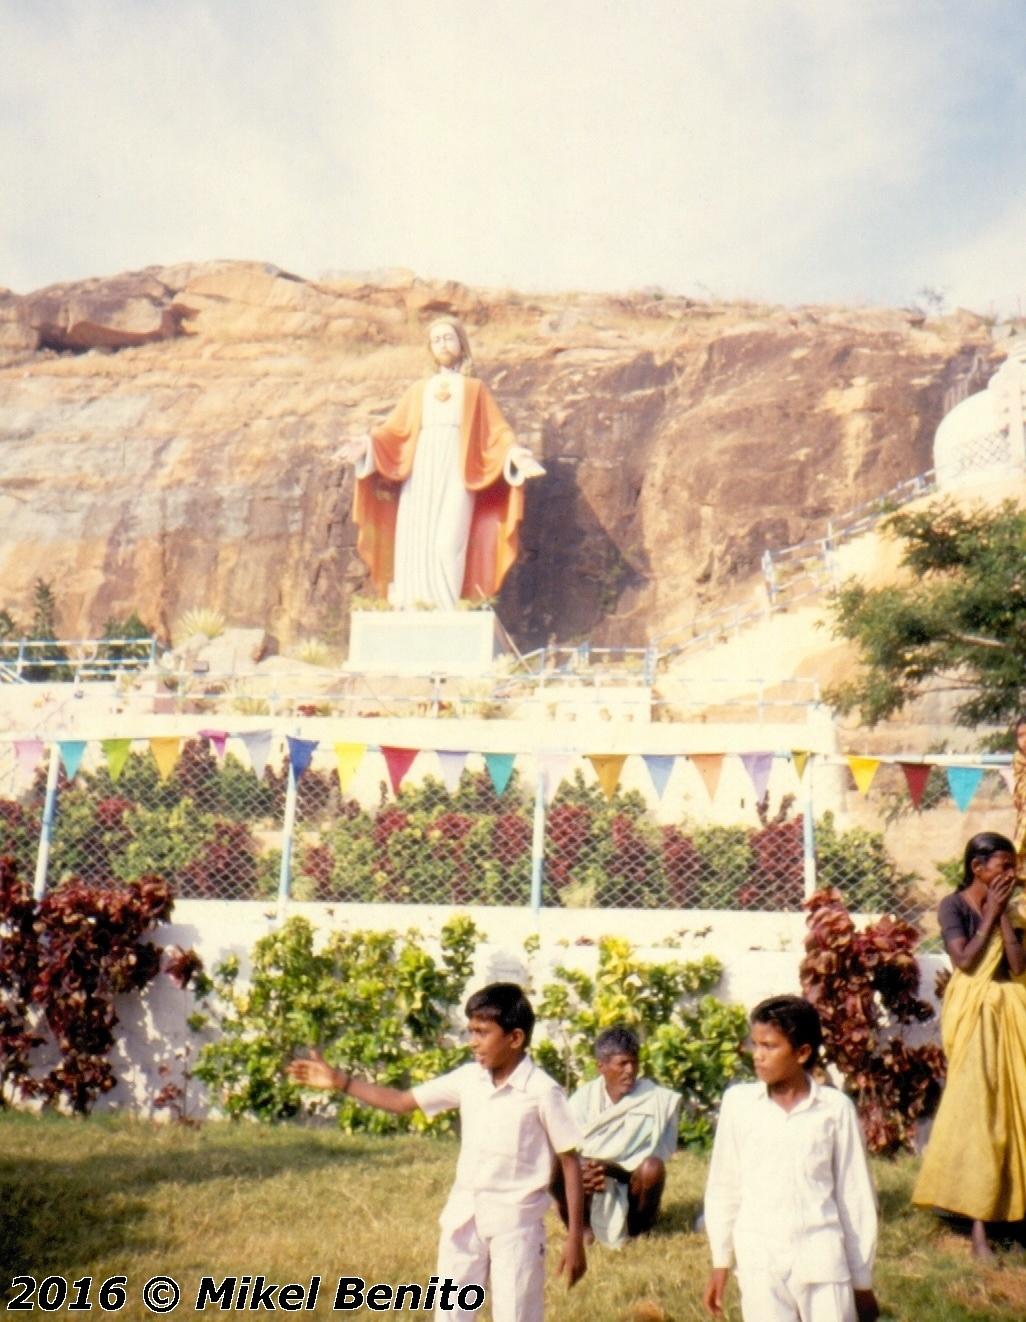 Nos sorprendería saber cuanto conocen, respetan y estiman a Jesús hinduistas, budistas y musulmanes indios. Escultura gigante de Jesús en el Ashram de Prasanthi Nilayam, junto a las de Buda, Krisna, Hanuman, Rama, Mahavira y el templete de Mahoma.